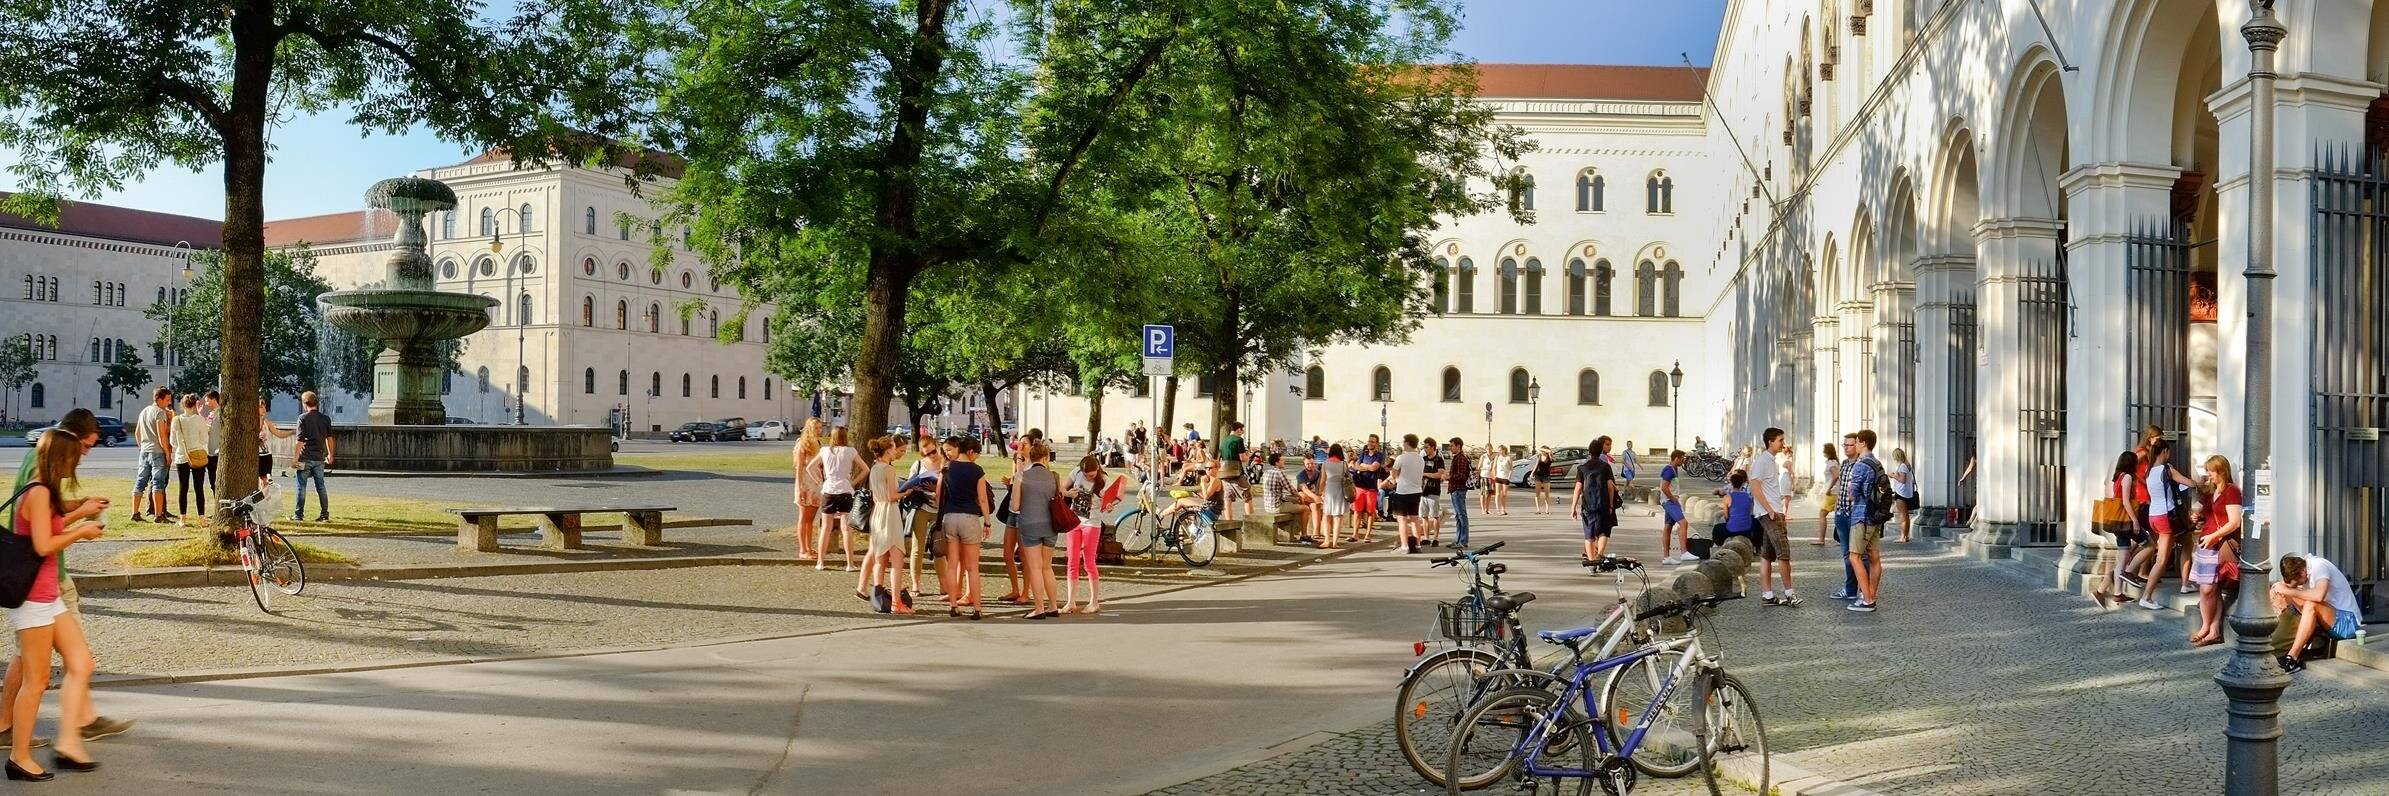 Мюнхенский технический университет | technische universität münchen | tum